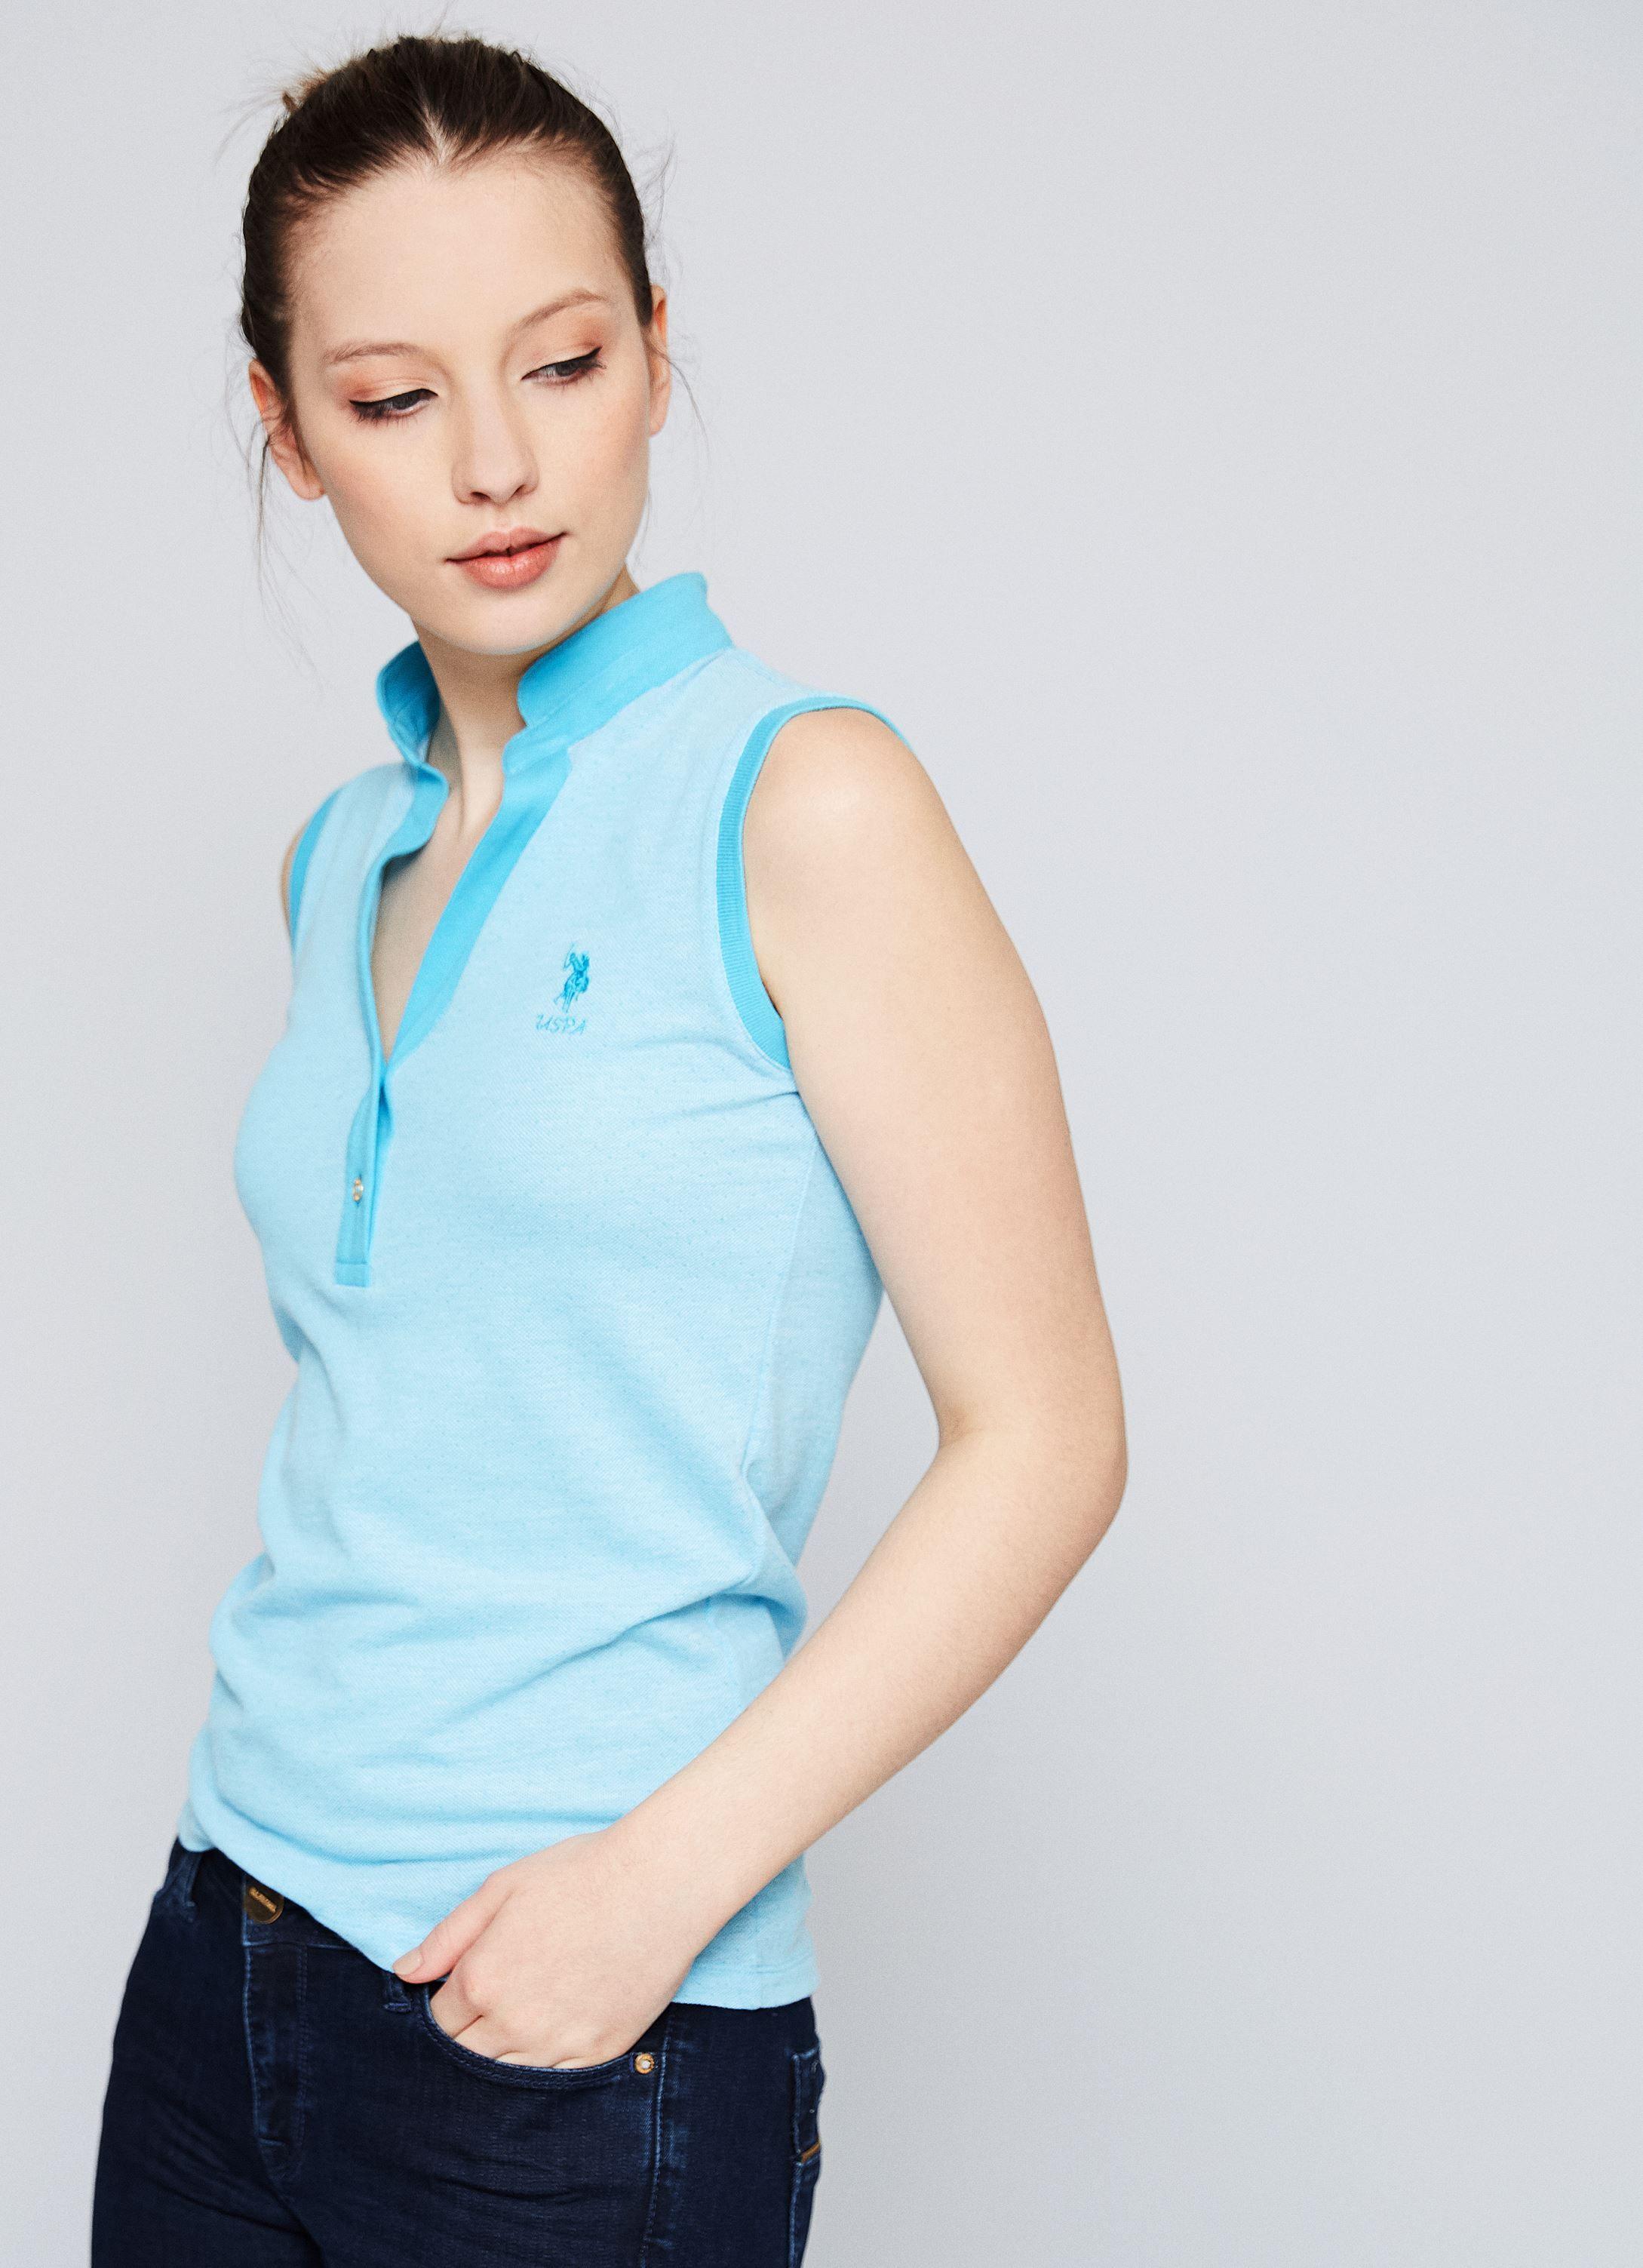 Yesil Kolsuz Fashion Yaka Slim T Shirt Kadin Tisort Modelleri Ve Bayan Tshirt Fiyalari U S Polo Assn Kadin Kadin Tisort Polo